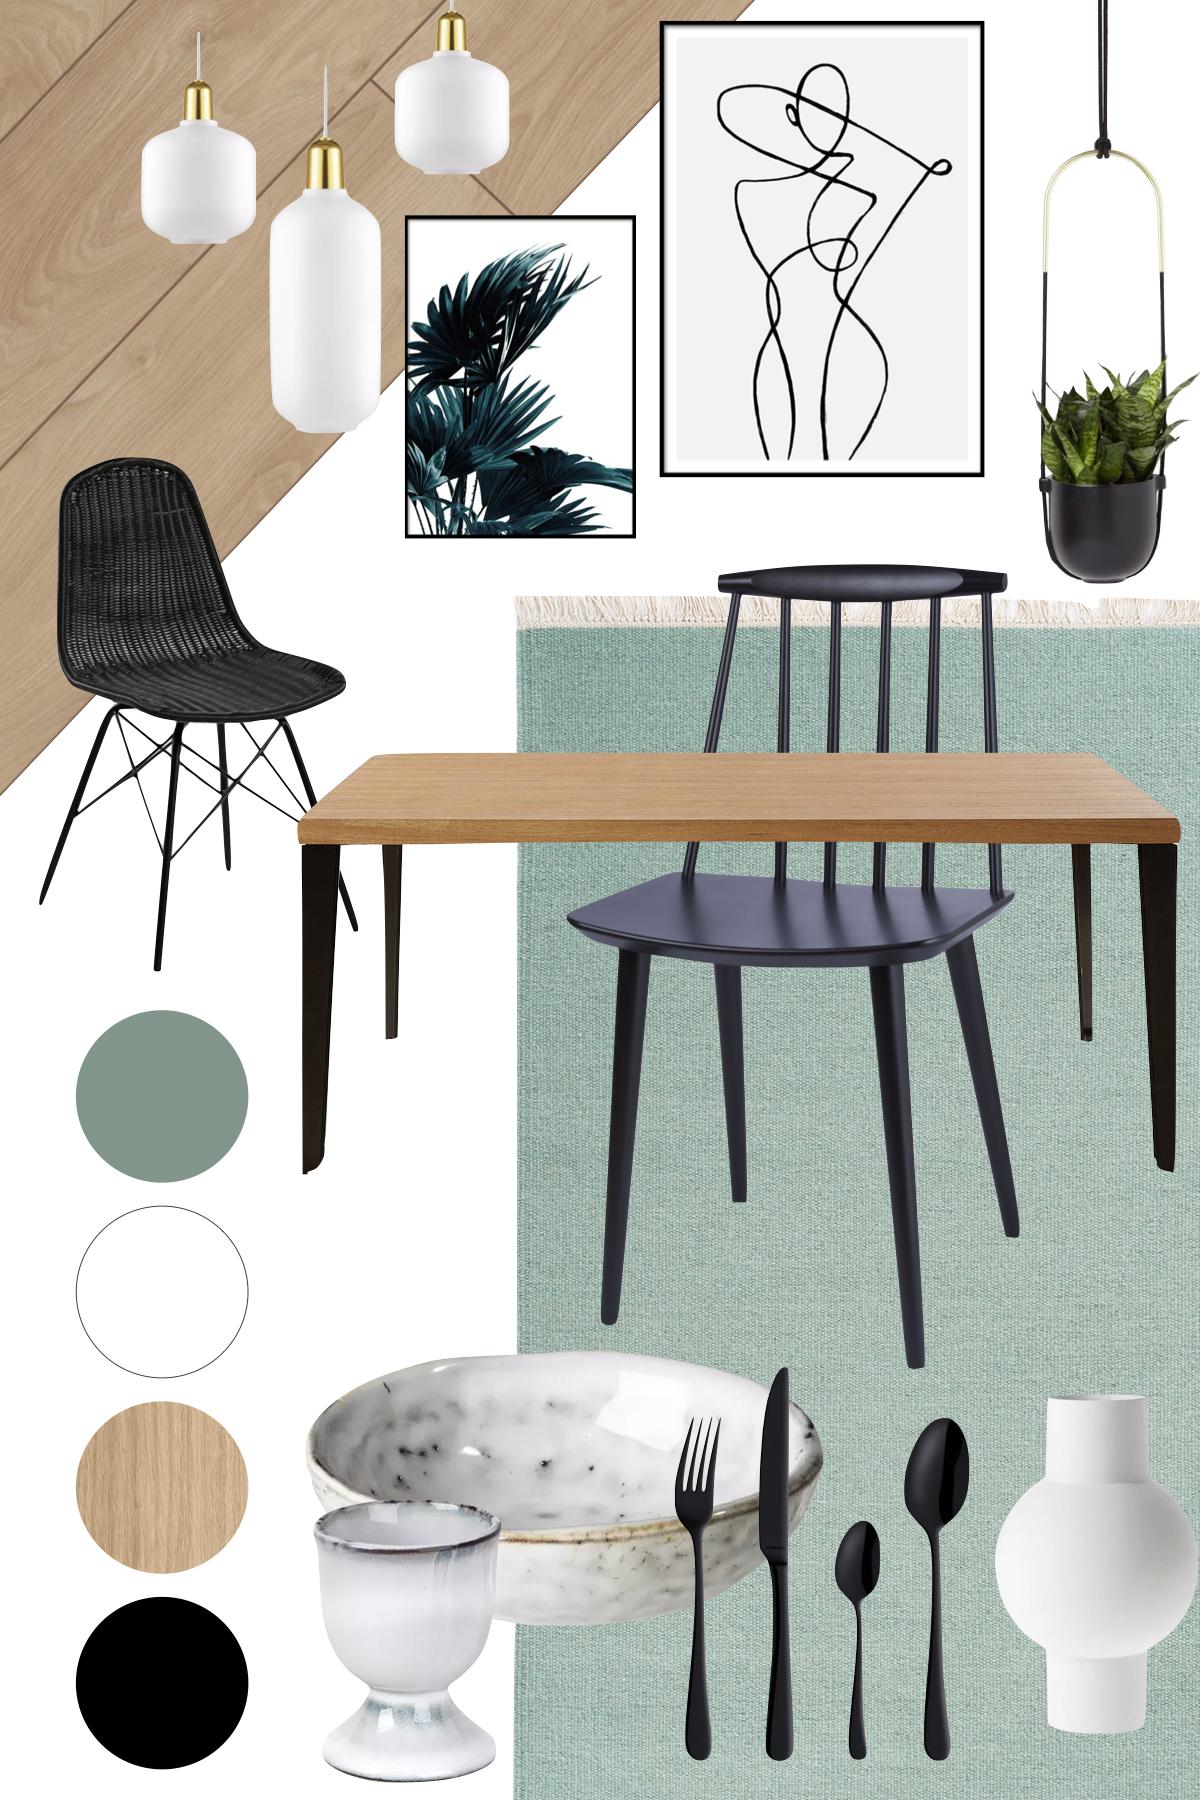 planche déco salle à manger vert de gris tendance comment faire technique maisons pierre avis - blog déco - clem around the corner